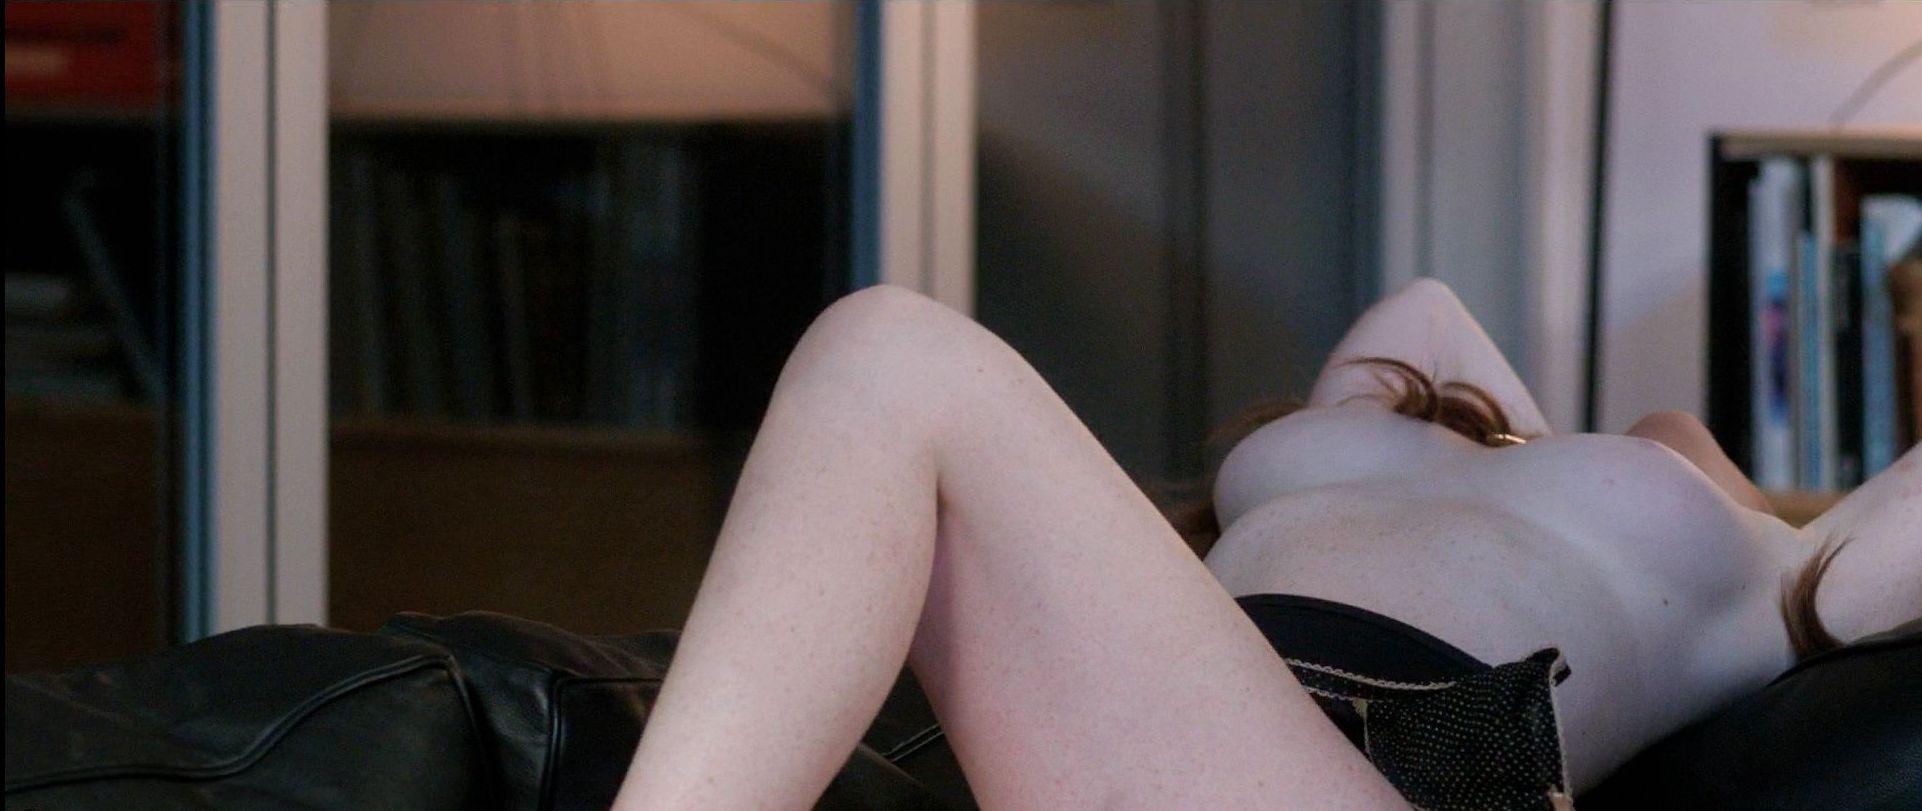 gwyneth paltrow real nude sex